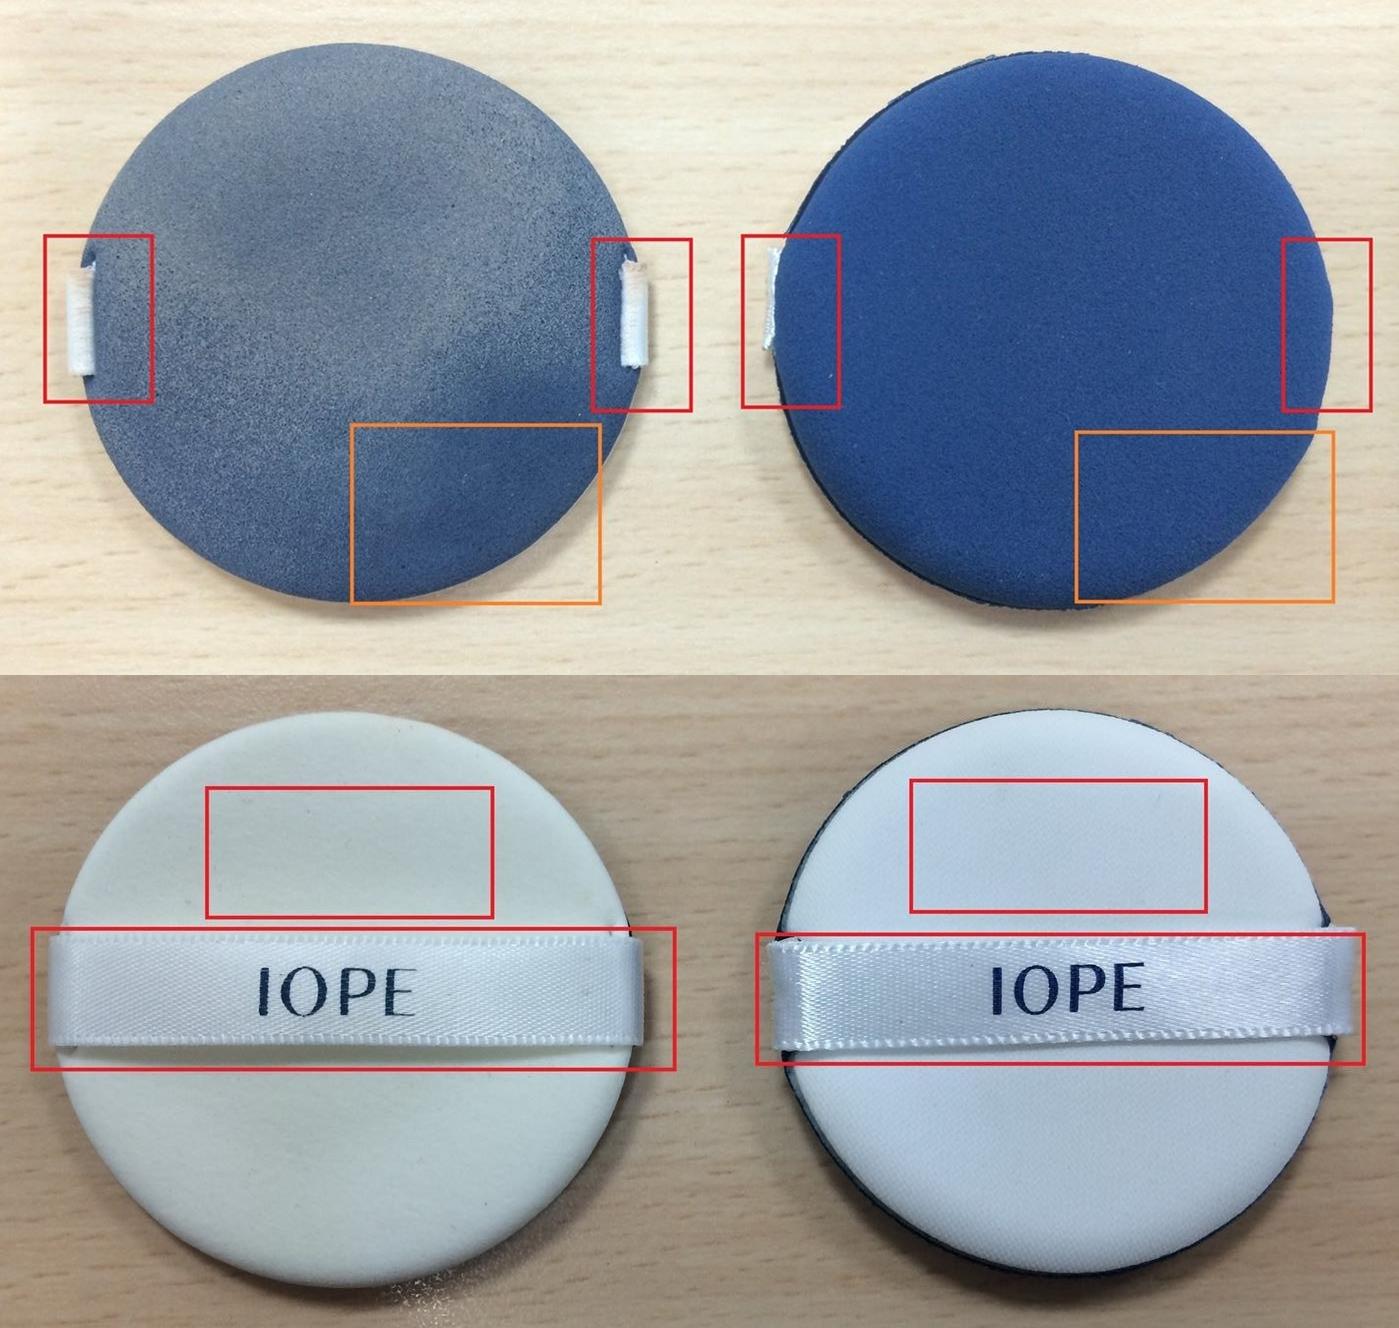 另外舒芙蕾氣墊粉餅的重點就在於氣墊粉撲,左邊仿品在細節設計上有差異,連使用起來的觸感也有很明確的落差感。